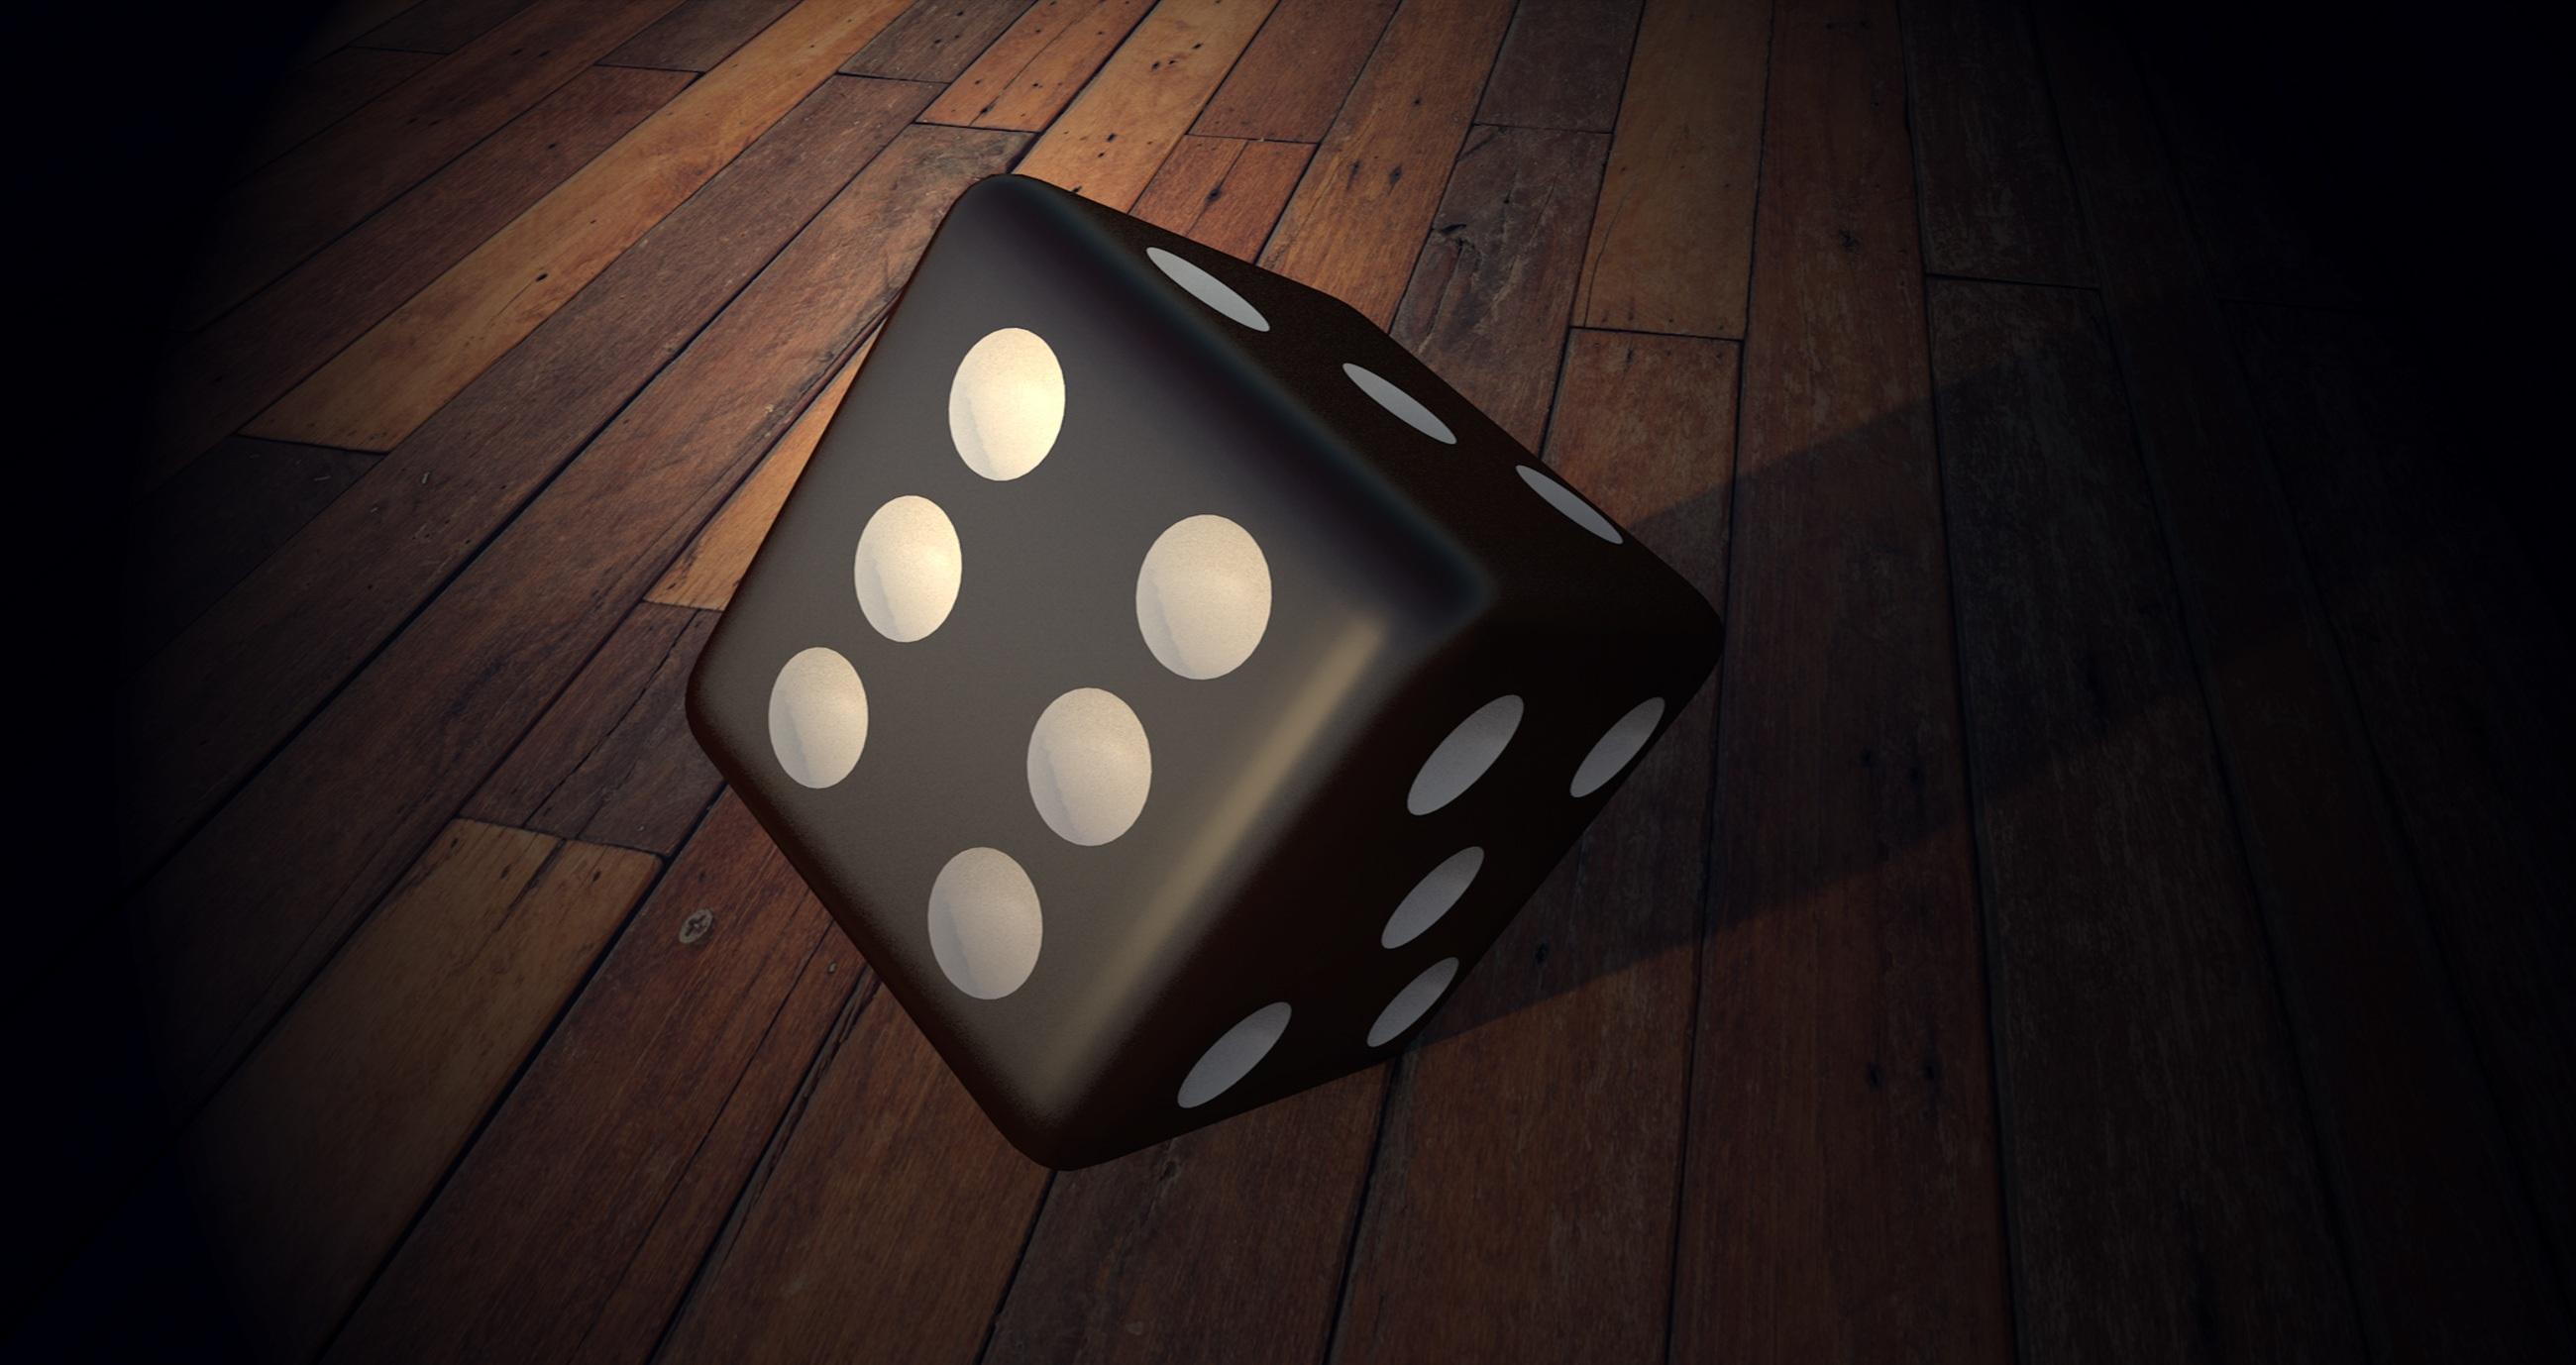 無料画像 光 遊びます 赤 闇 黒 点灯 ランダム 立方体 忍耐 運 ポイント サイコロ ダイスゲーム 3dモデル レンダリングする 3d視覚化 ゲームボード 娯楽 クラップス 静物写真 製品デザイン 数字の目 マジックキューブ コンピュータの壁紙